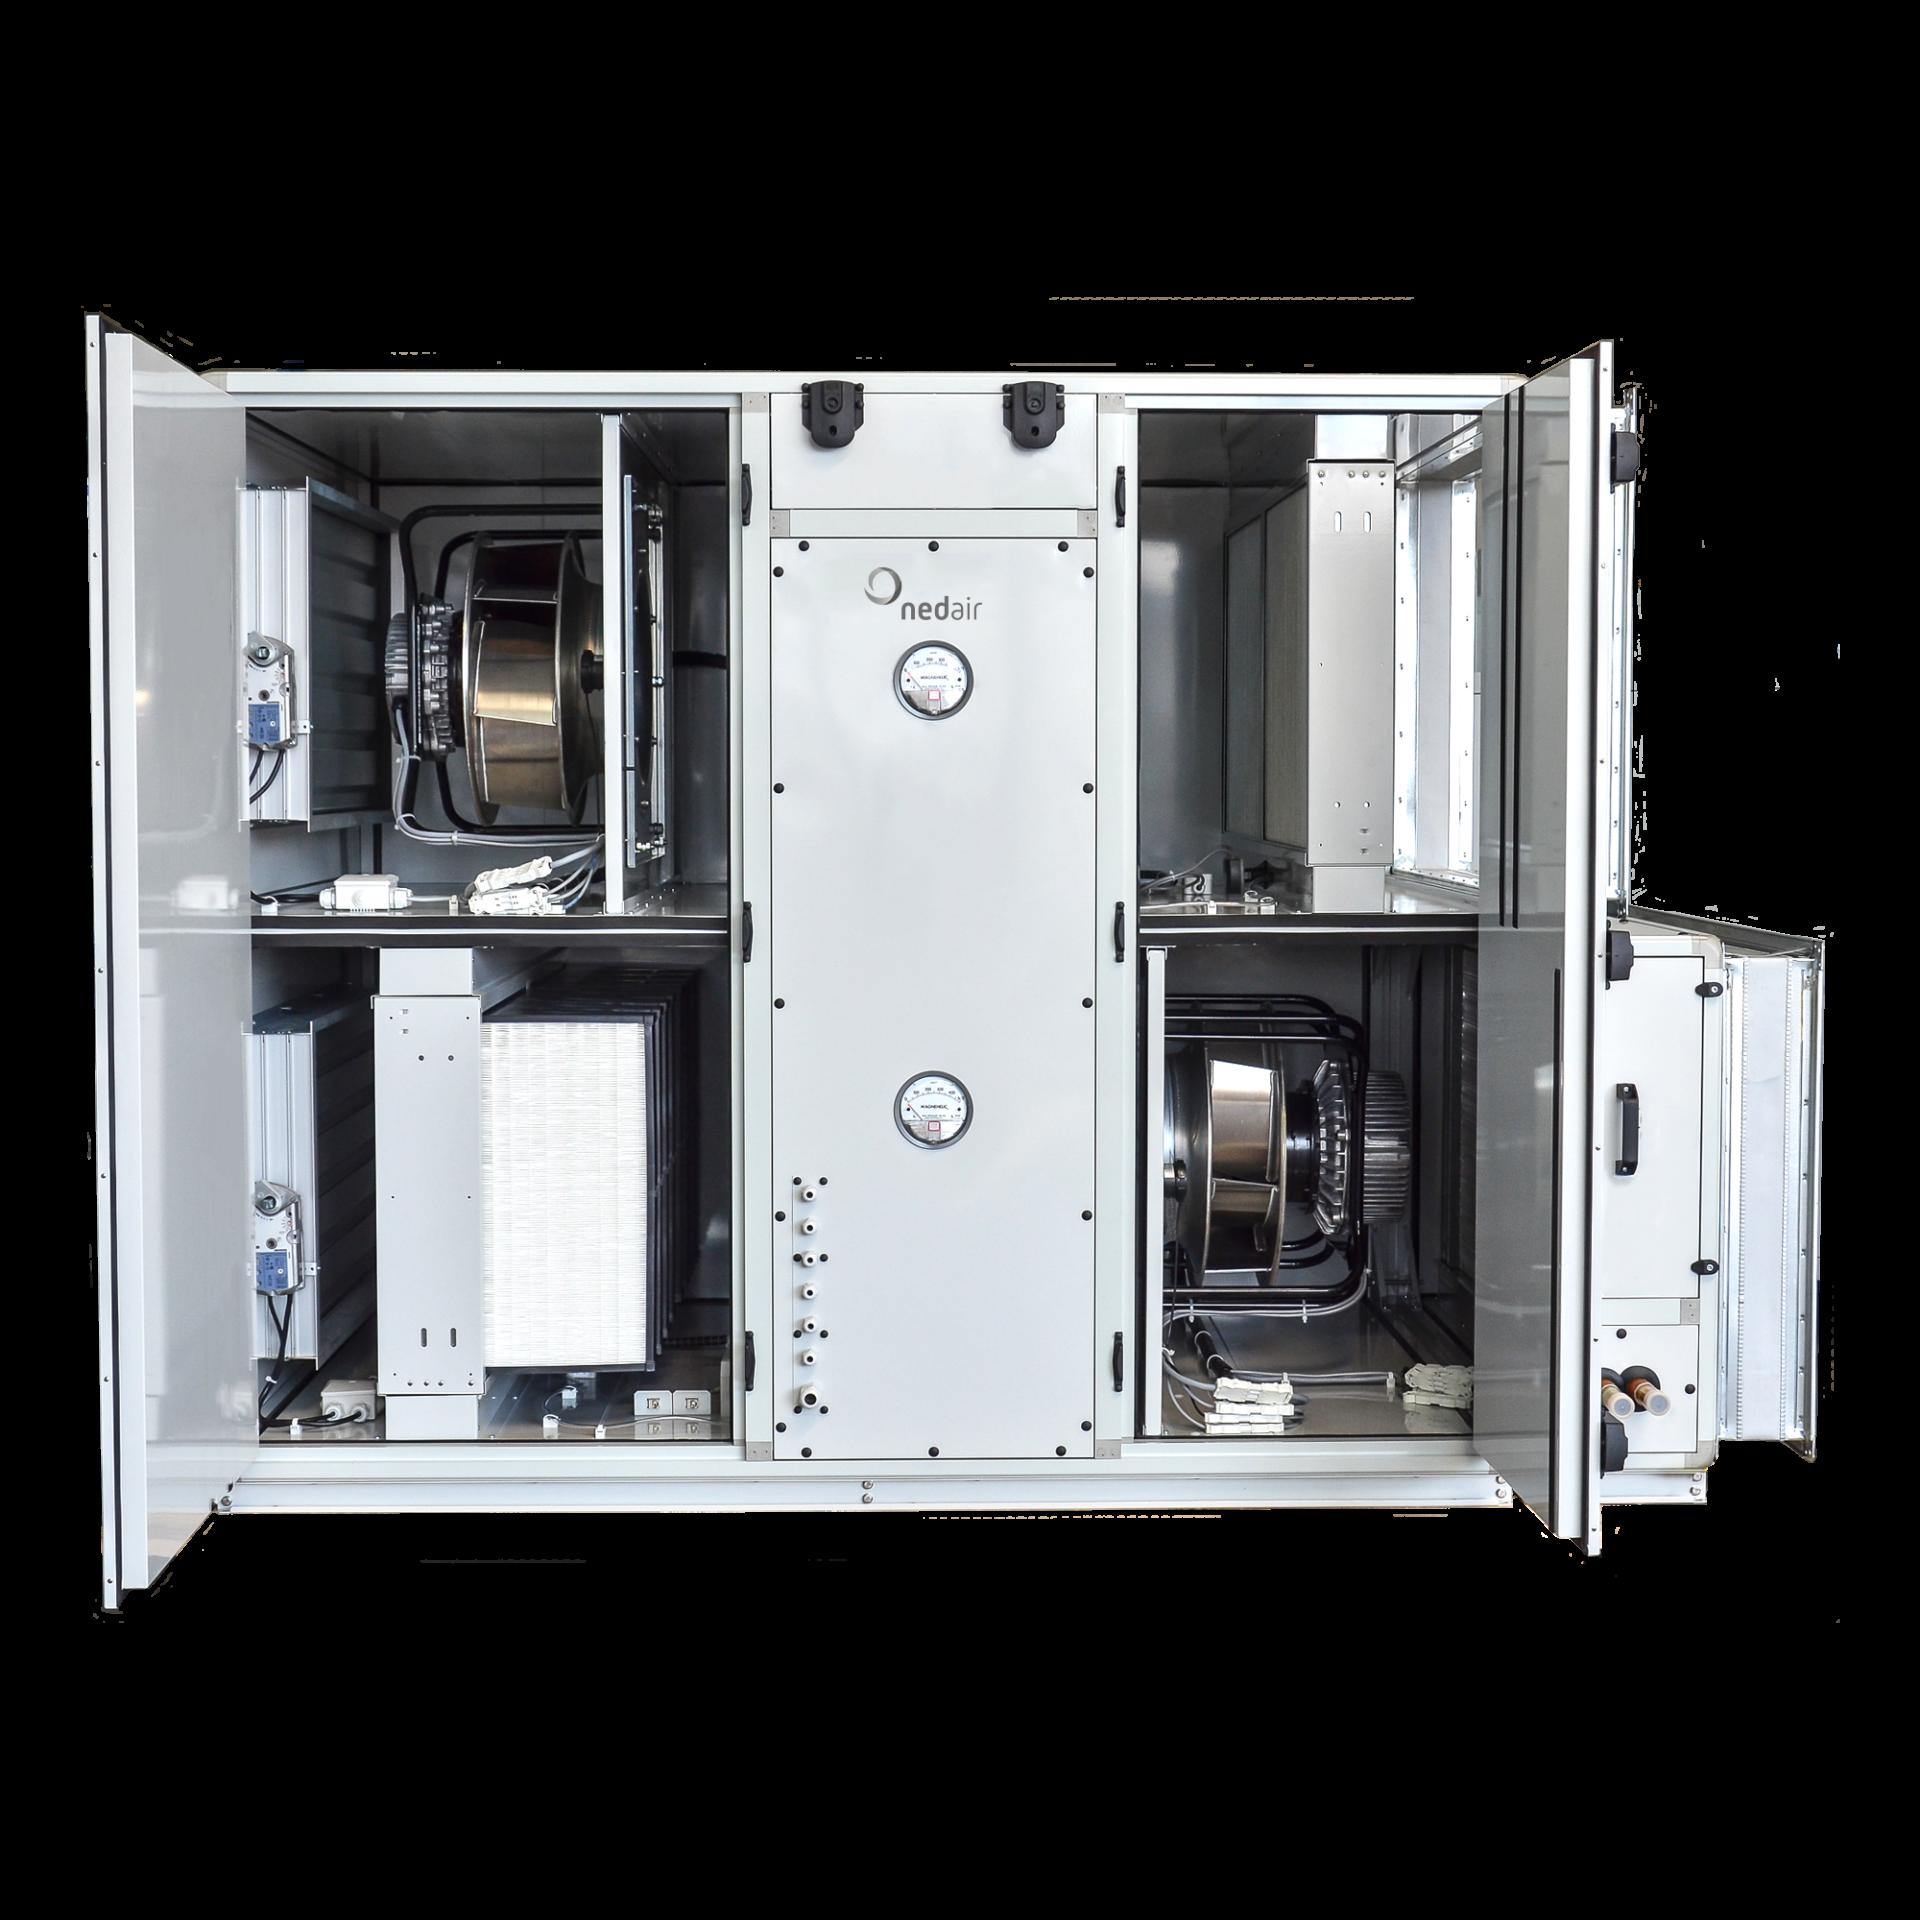 Open Ned Air OmniLine luchtbehandelingskast met Eurovent Certificaat